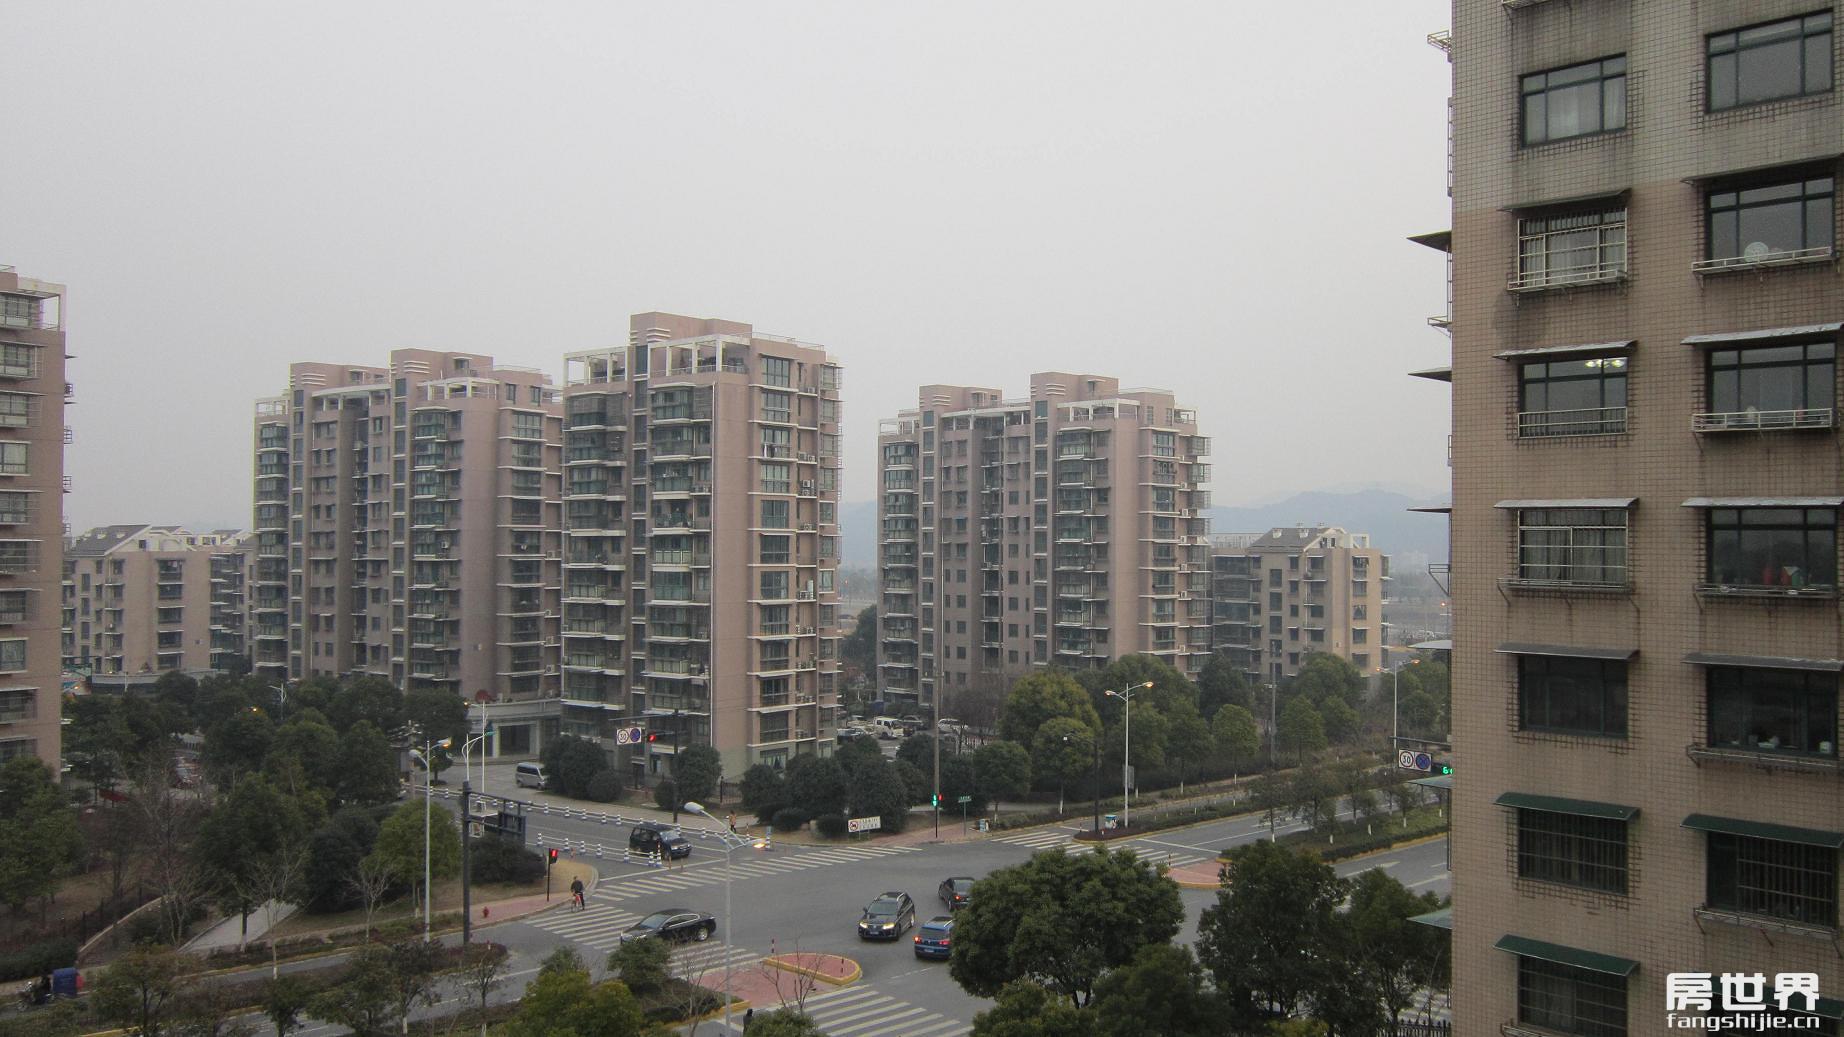 滨江白马湖旁小面积住宅